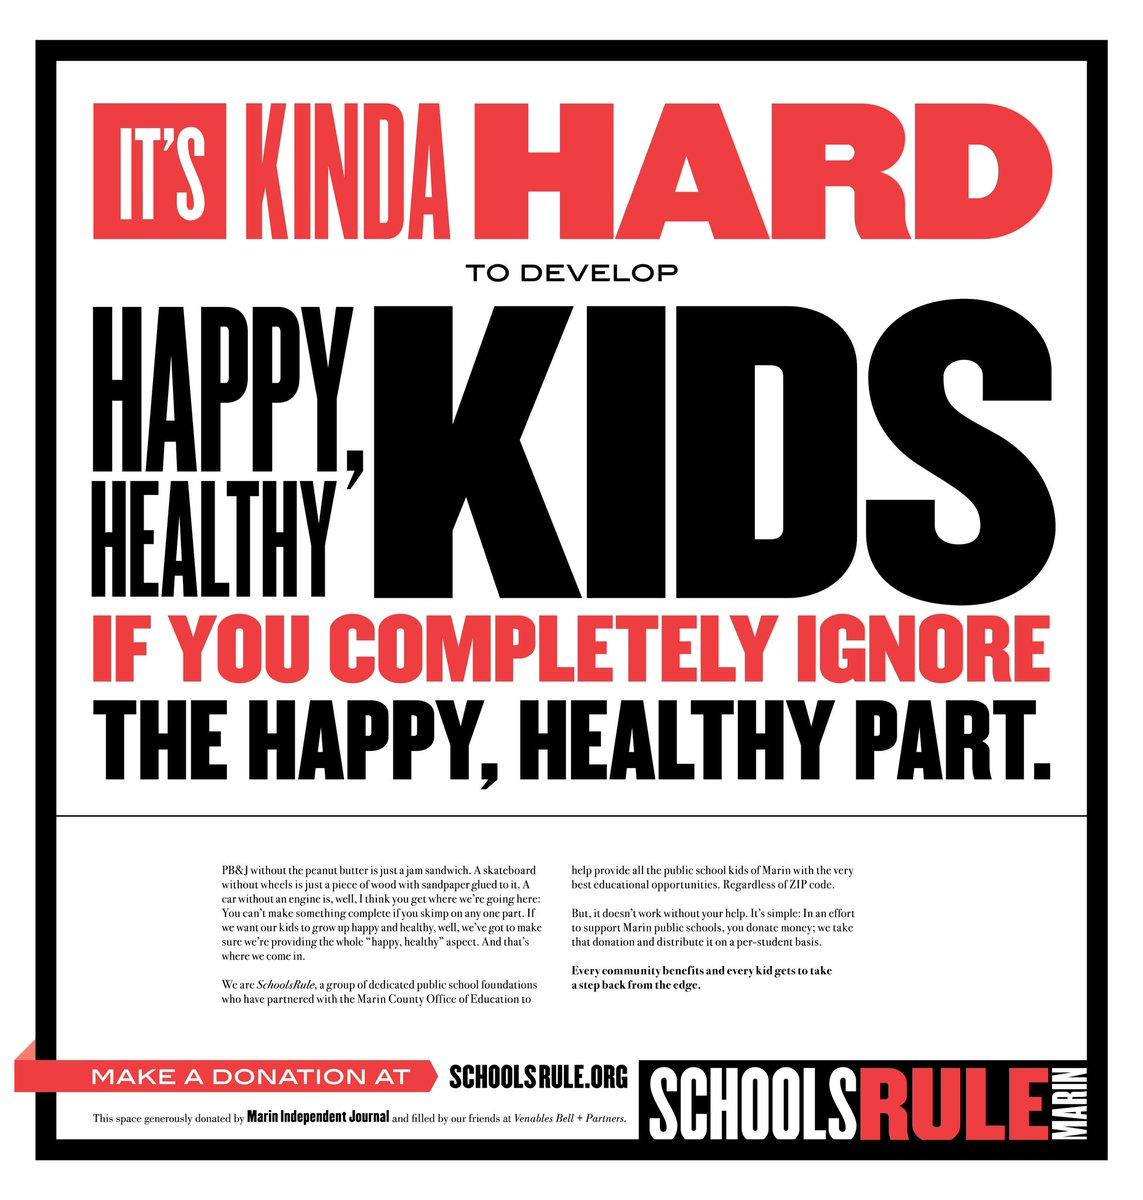 SchoolsRule photo